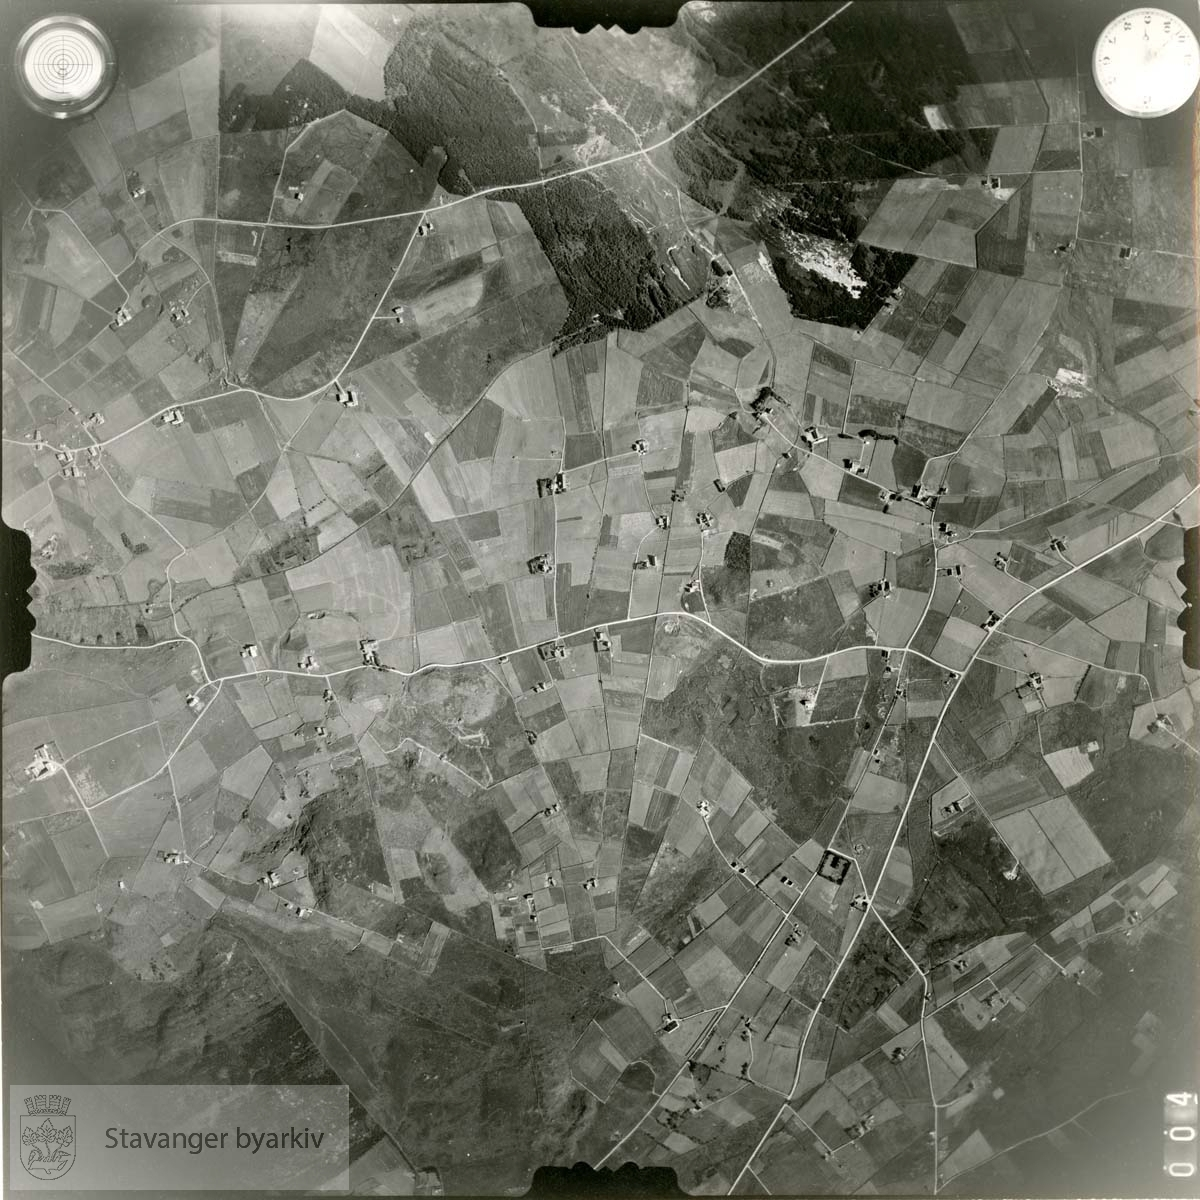 Jfr. kart/fotoplan B5/72...Se ByStW_Uca_002 (kan lastes ned under fanen for kart på Stavangerbilder)